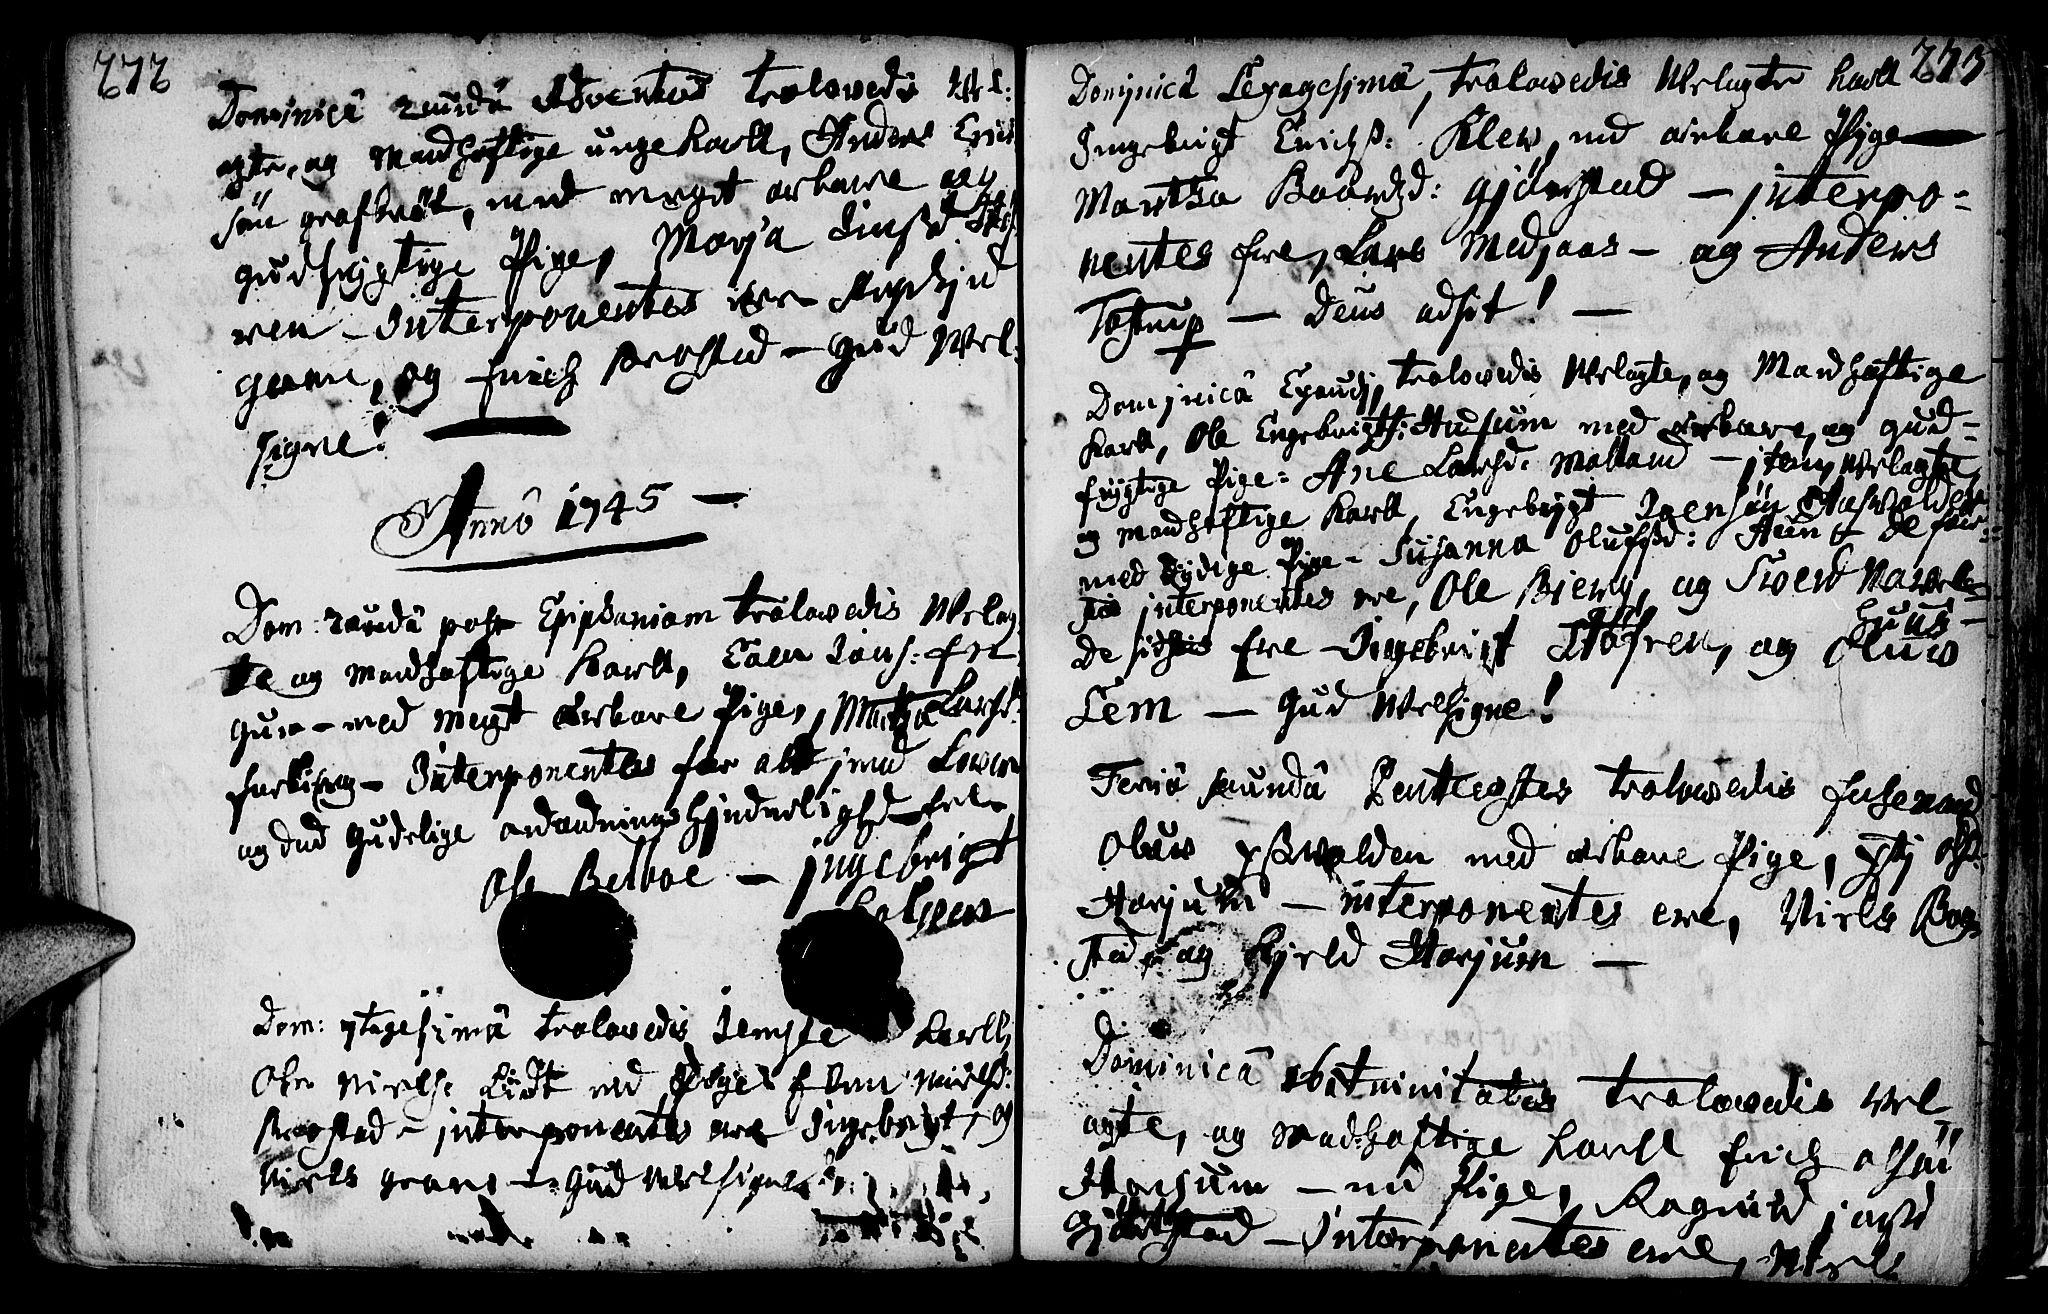 SAT, Ministerialprotokoller, klokkerbøker og fødselsregistre - Nord-Trøndelag, 749/L0467: Ministerialbok nr. 749A01, 1733-1787, s. 272-273